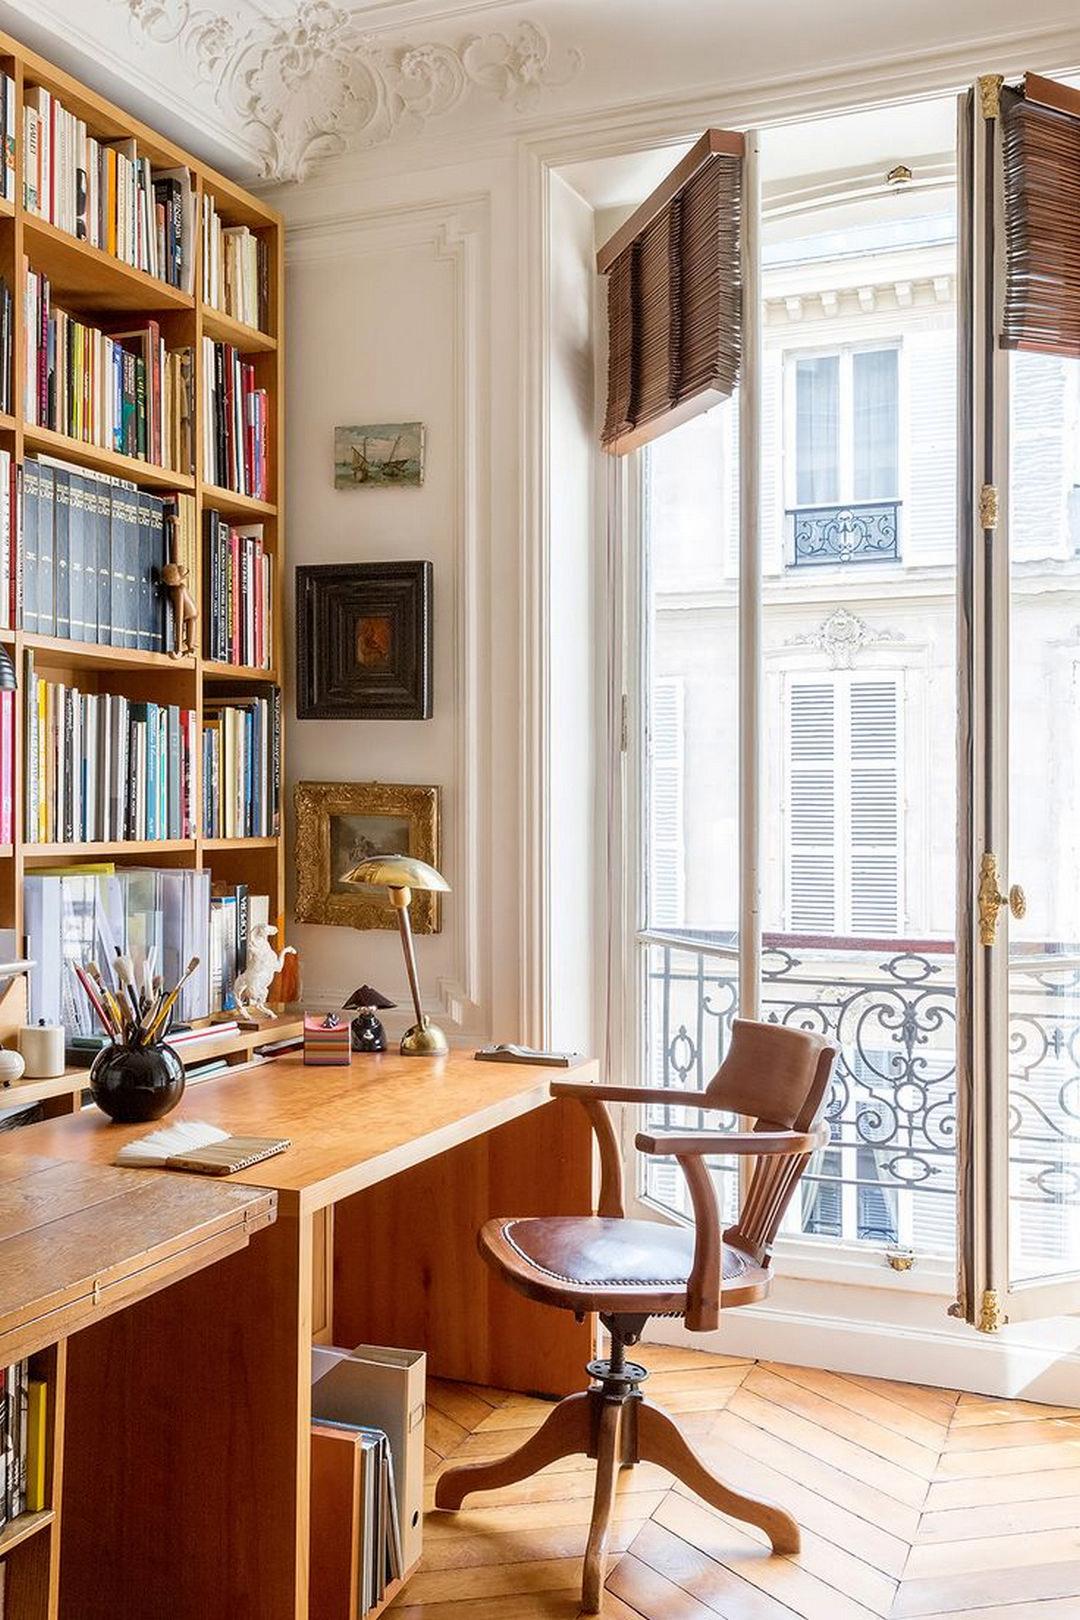 study, wooden chester floor, wooden table, wooden shelves, glass door